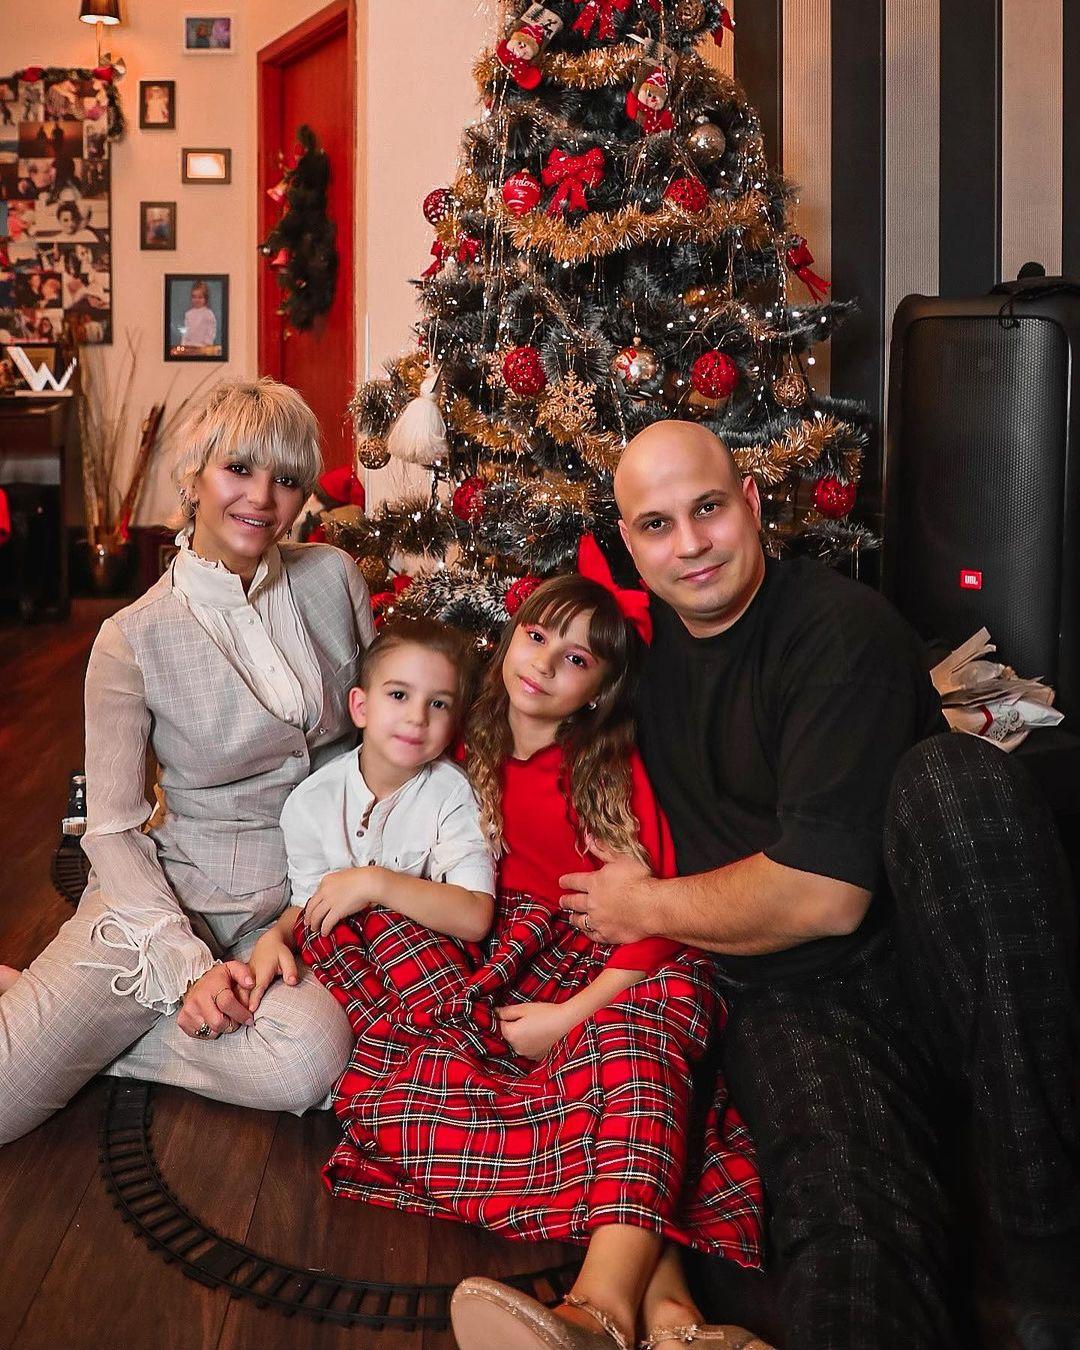 Giulia Anghelescu, Vlad Huidu și copiii lor, Antonia și Mikael - Unica.ro